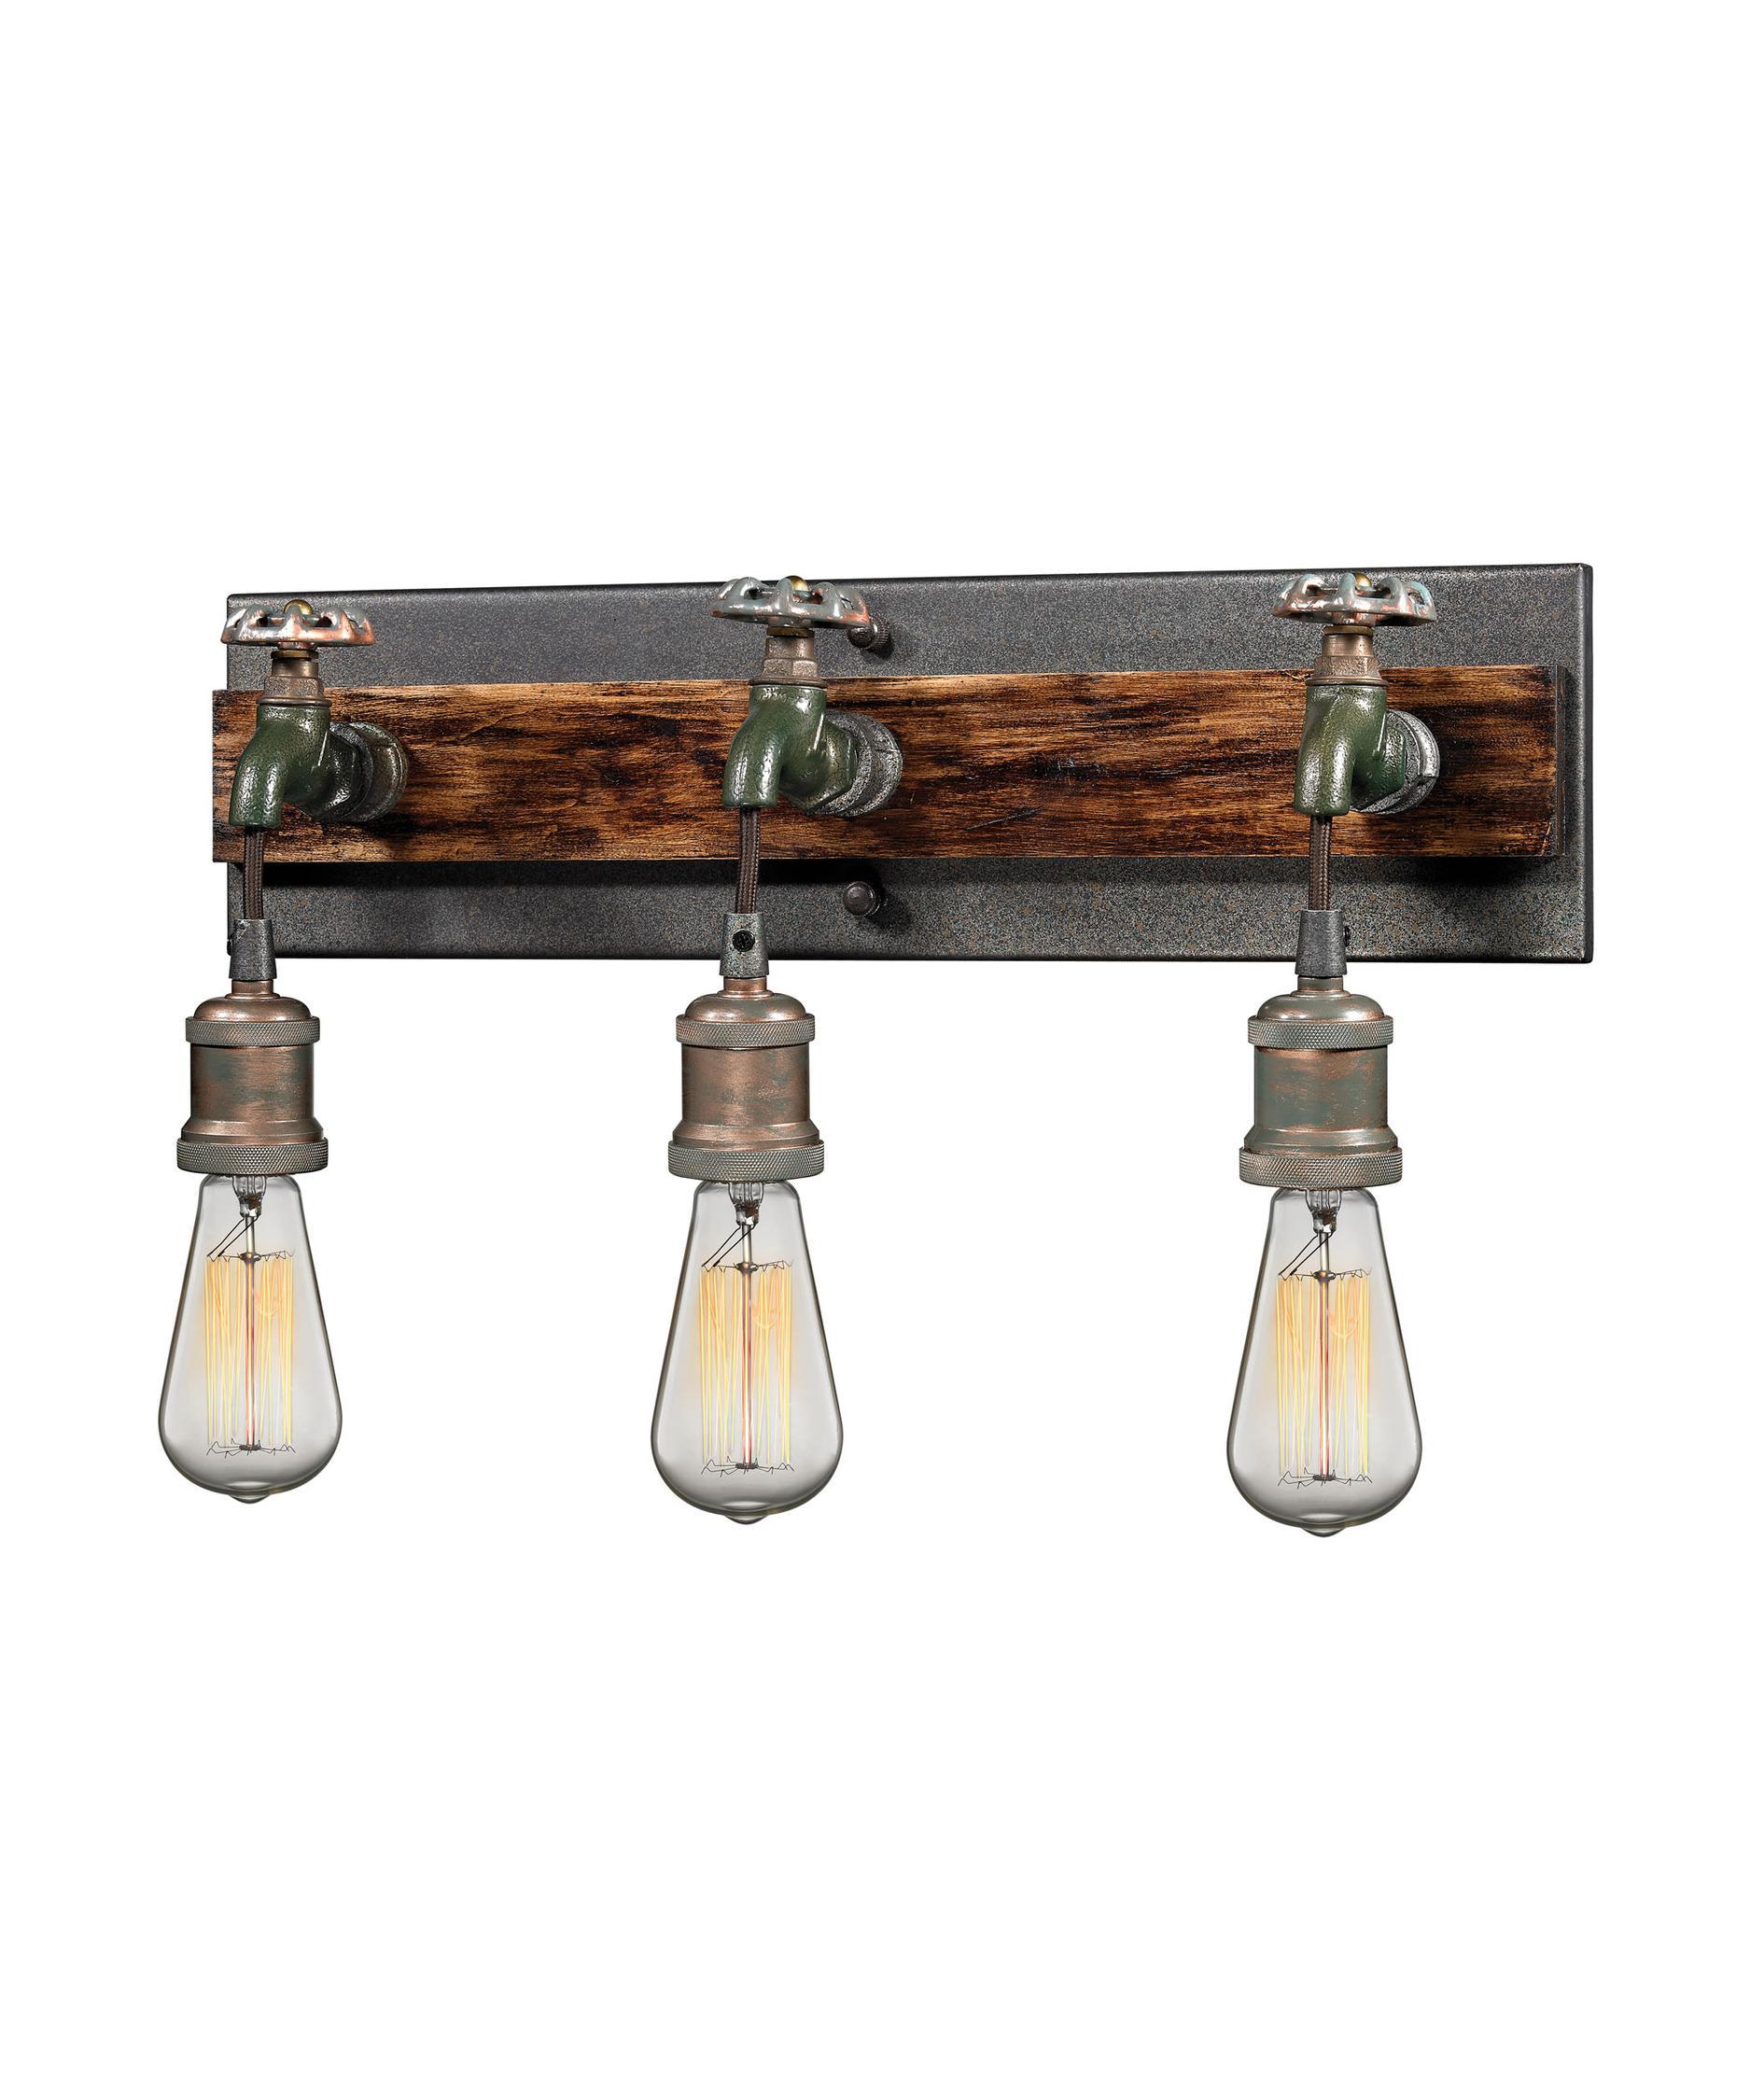 Elk Bathroom Lighting Fixtures elk lighting 14282-3 jonas 19 inch wide bath vanity light